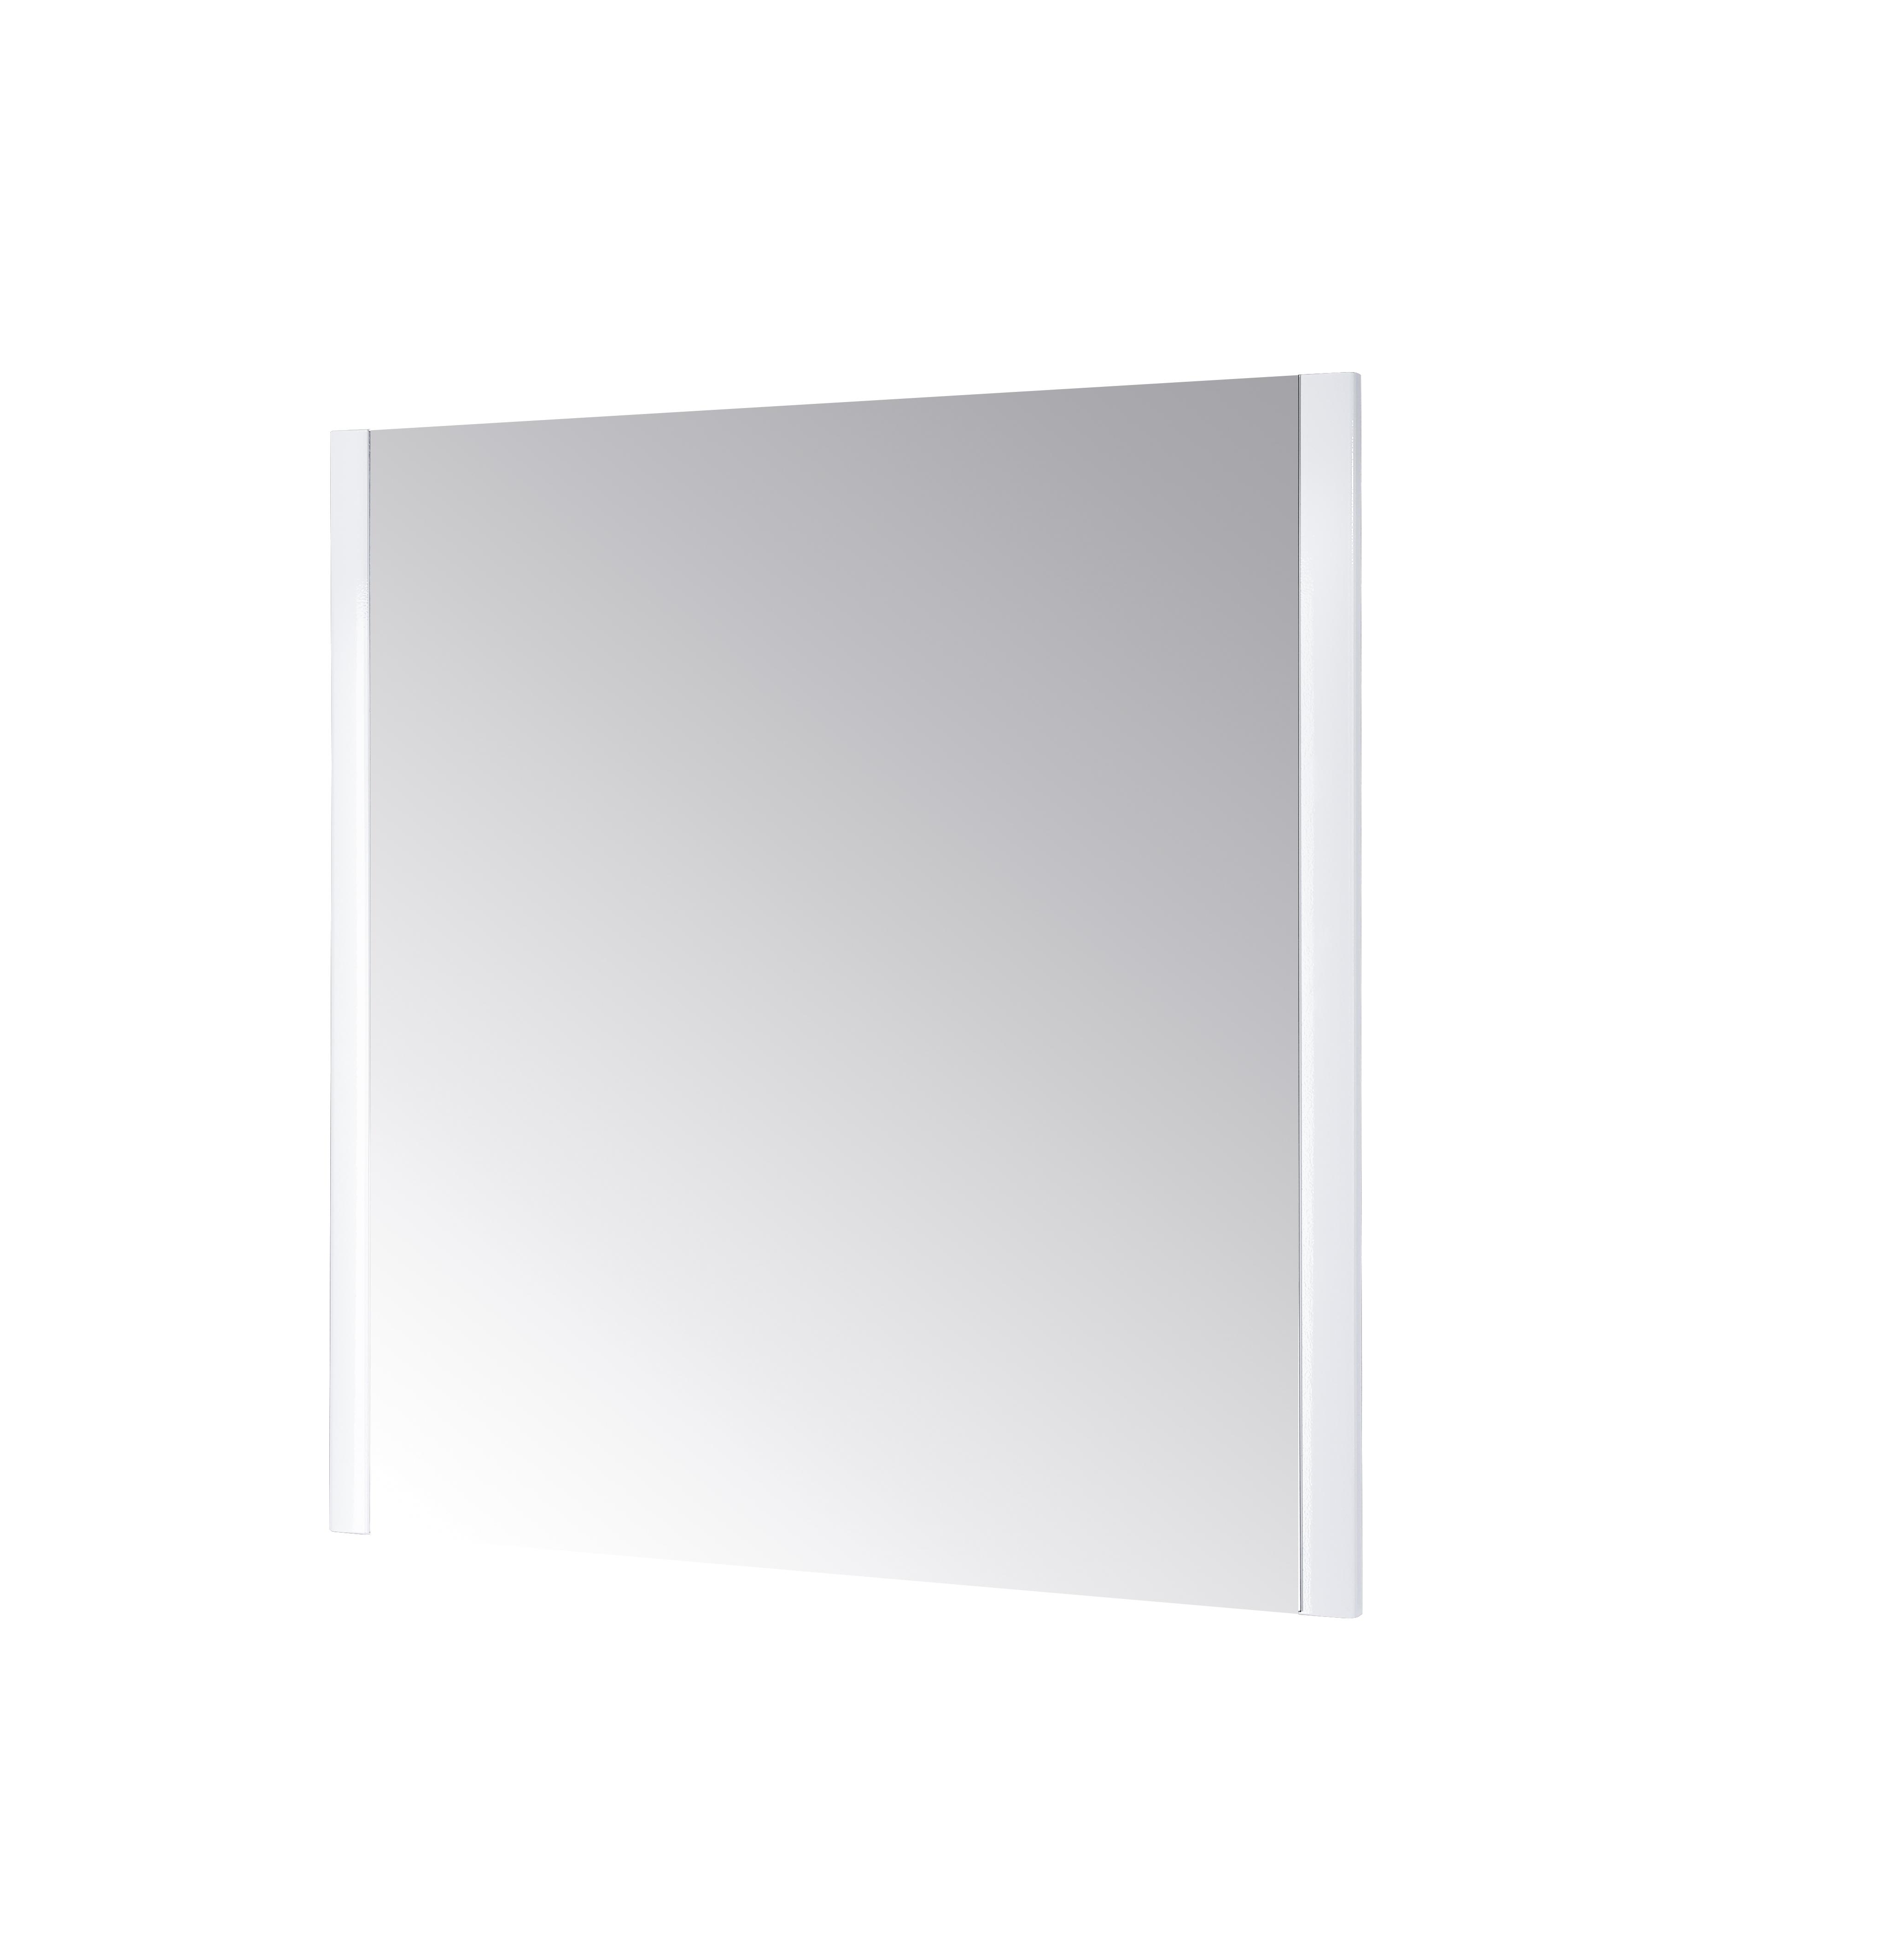 Зеркало DrejaЗеркала<br>Высота: 800, Ширина: 970, Форма зеркала: прямоугольник, Назначение: для ванной, Зеркало в раме: есть, Тип рамы: деревянная, Цвет рамы: белый, Коллекция: wind<br>